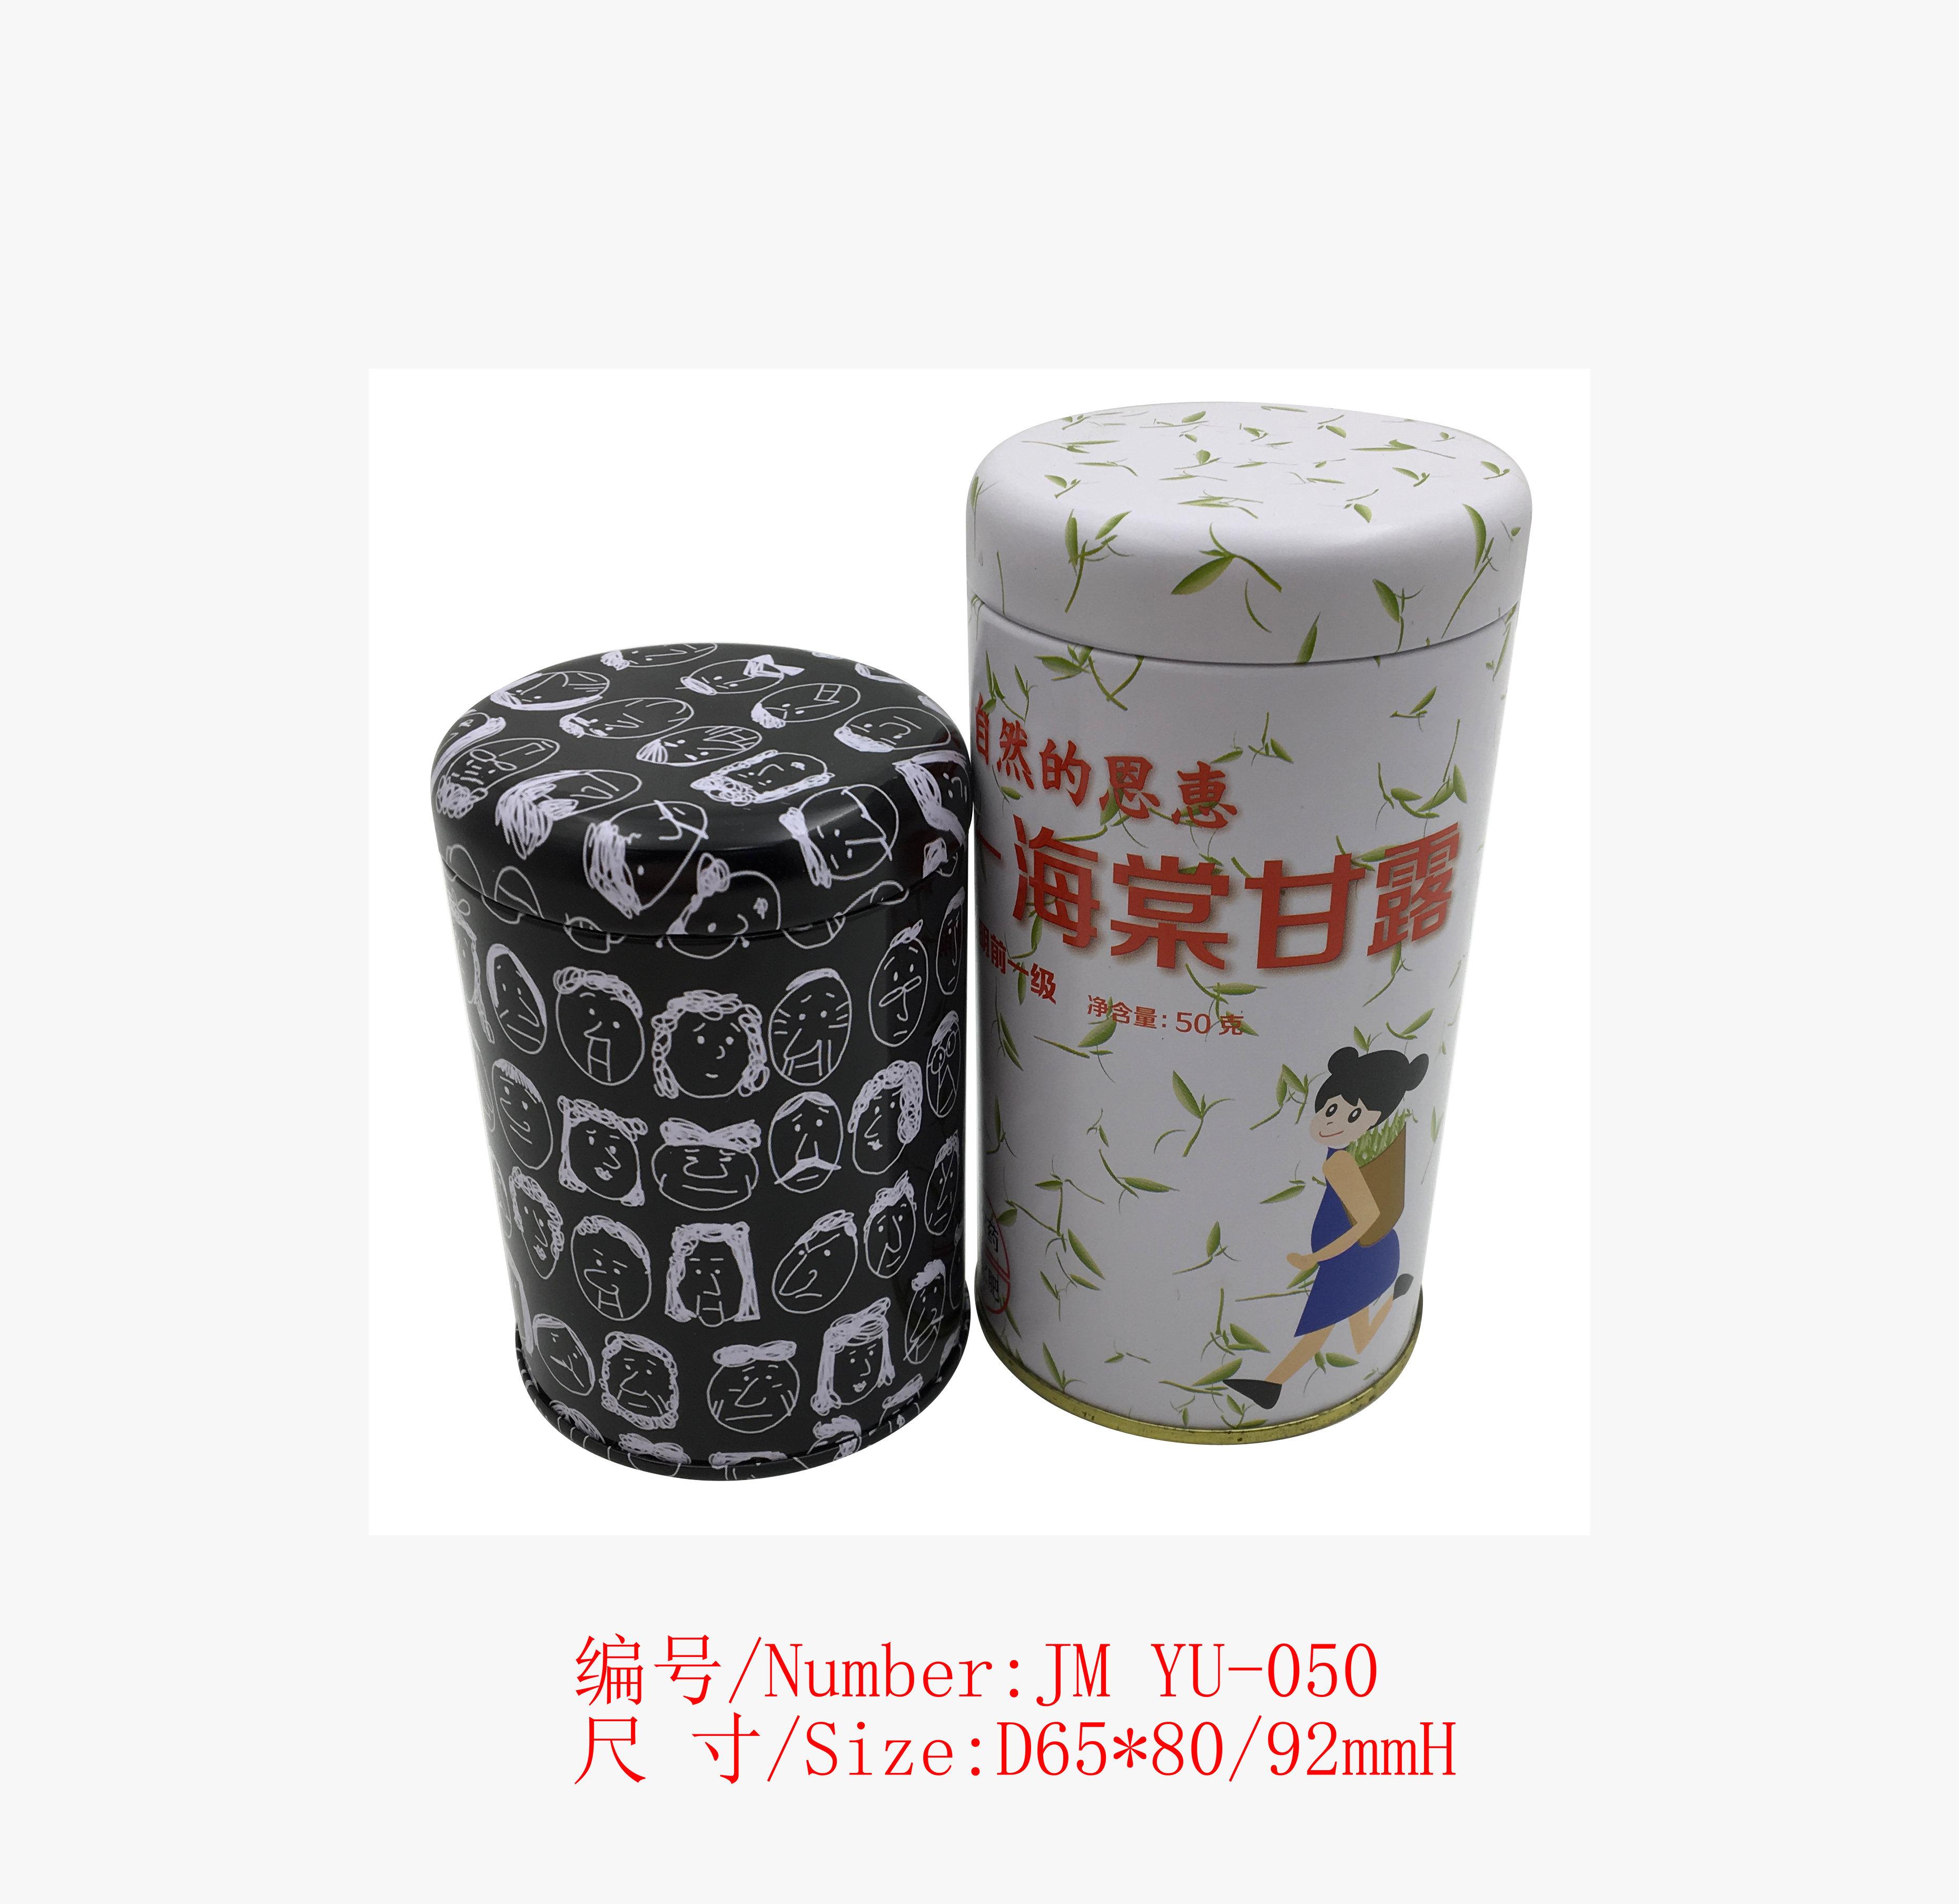 圆形茶叶罐  内塞盖的设计保持了盖子与罐身图案的整体性